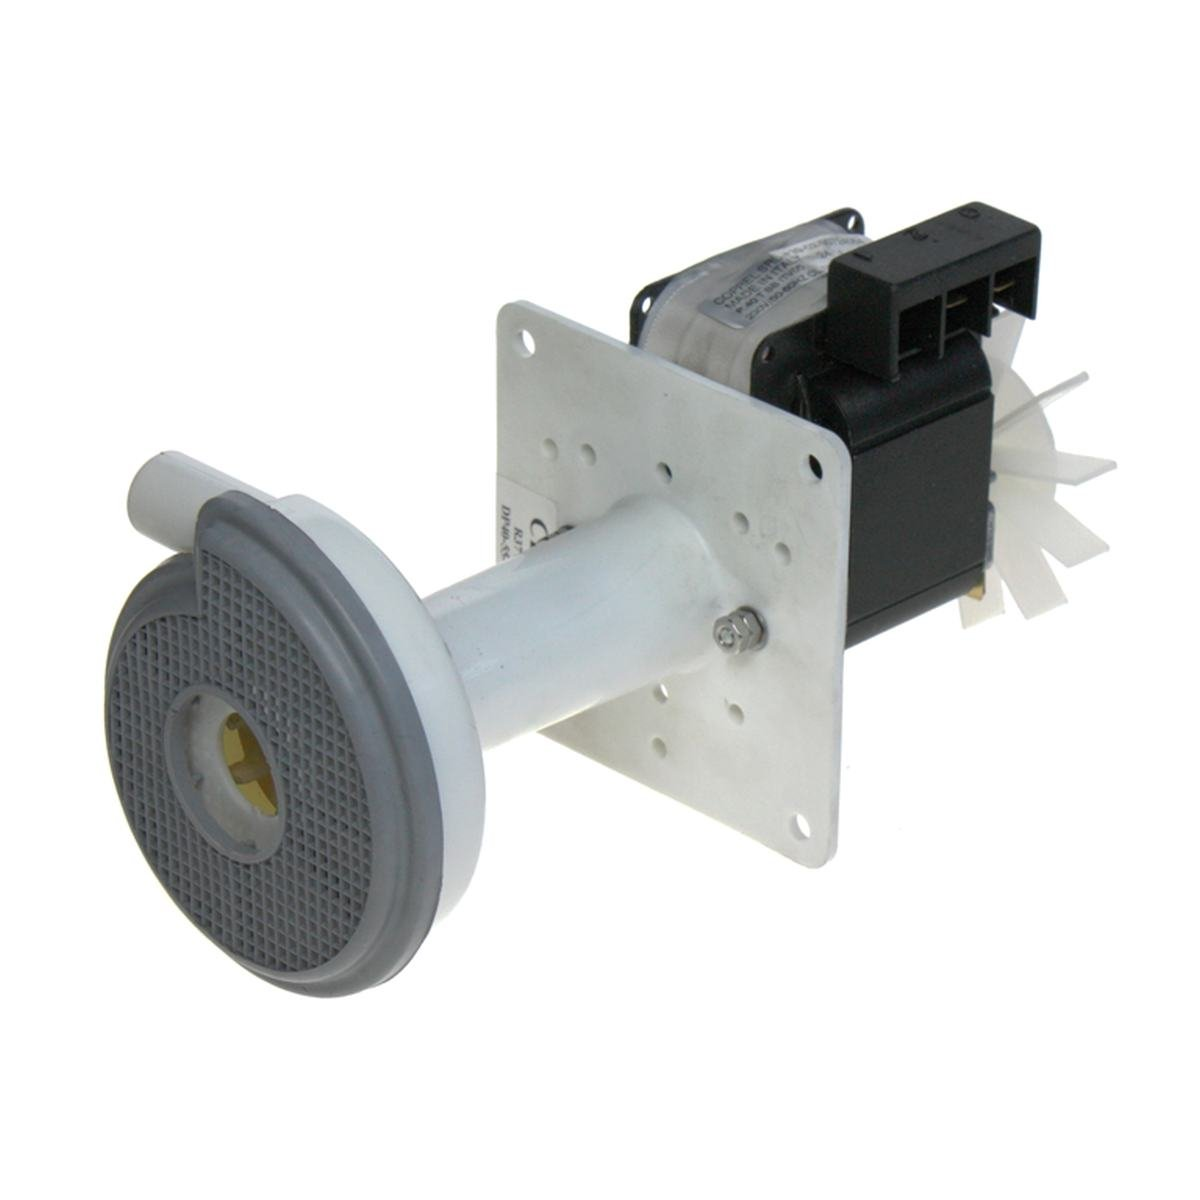 Pumpe P40 TBB med pumpehus - Coprel